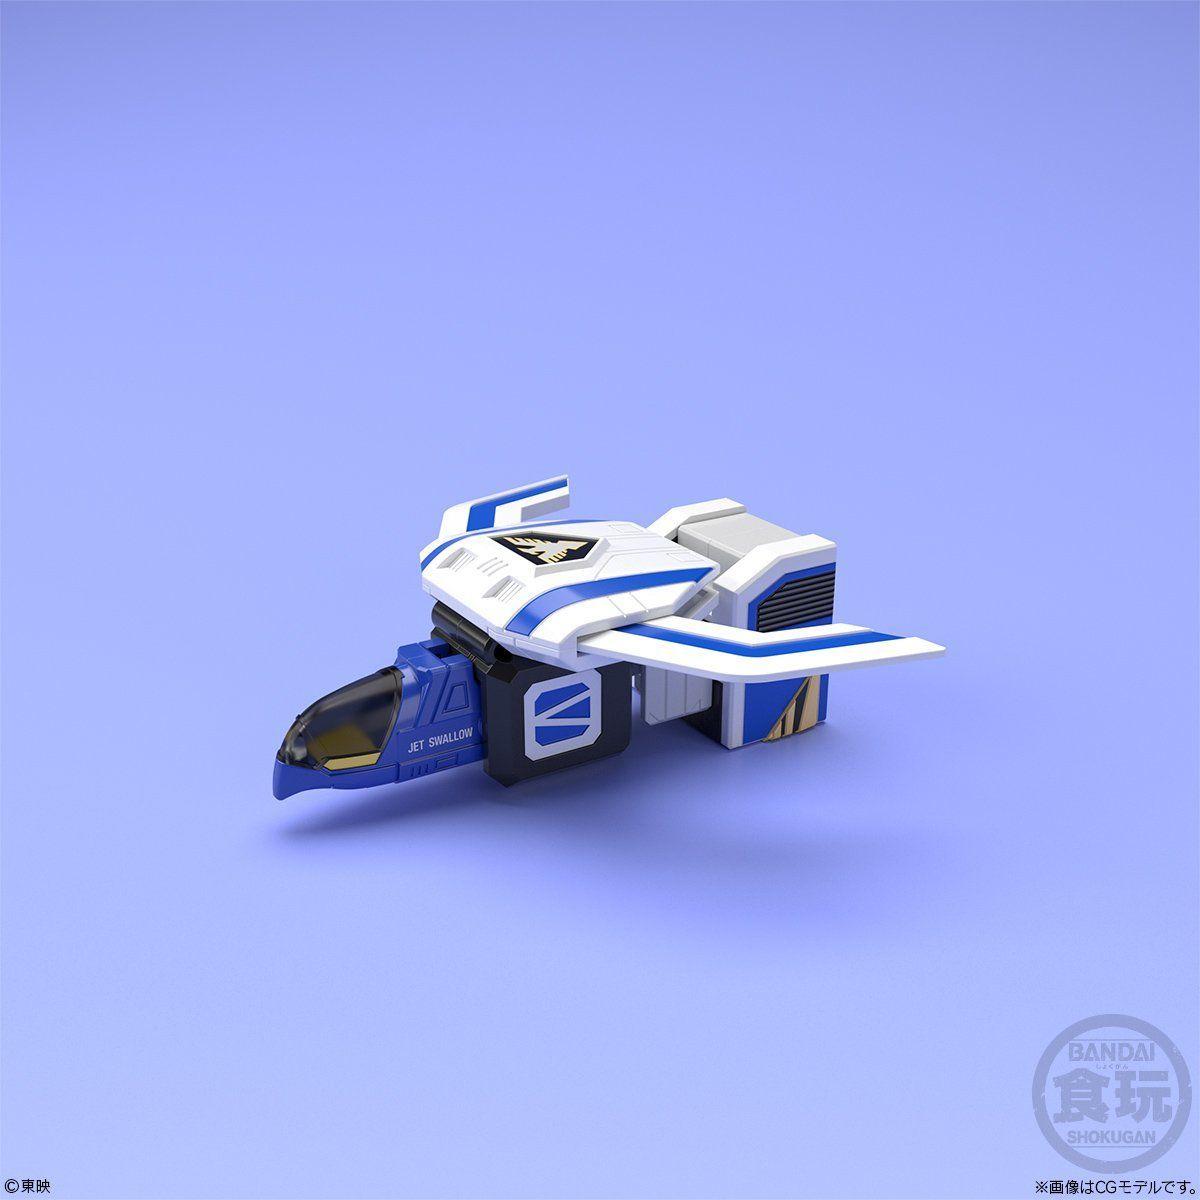 【食玩】スーパーミニプラ『天空合体 ジェットイカロス』鳥人戦隊ジェットマン プラモデル 5個入りBOX-006